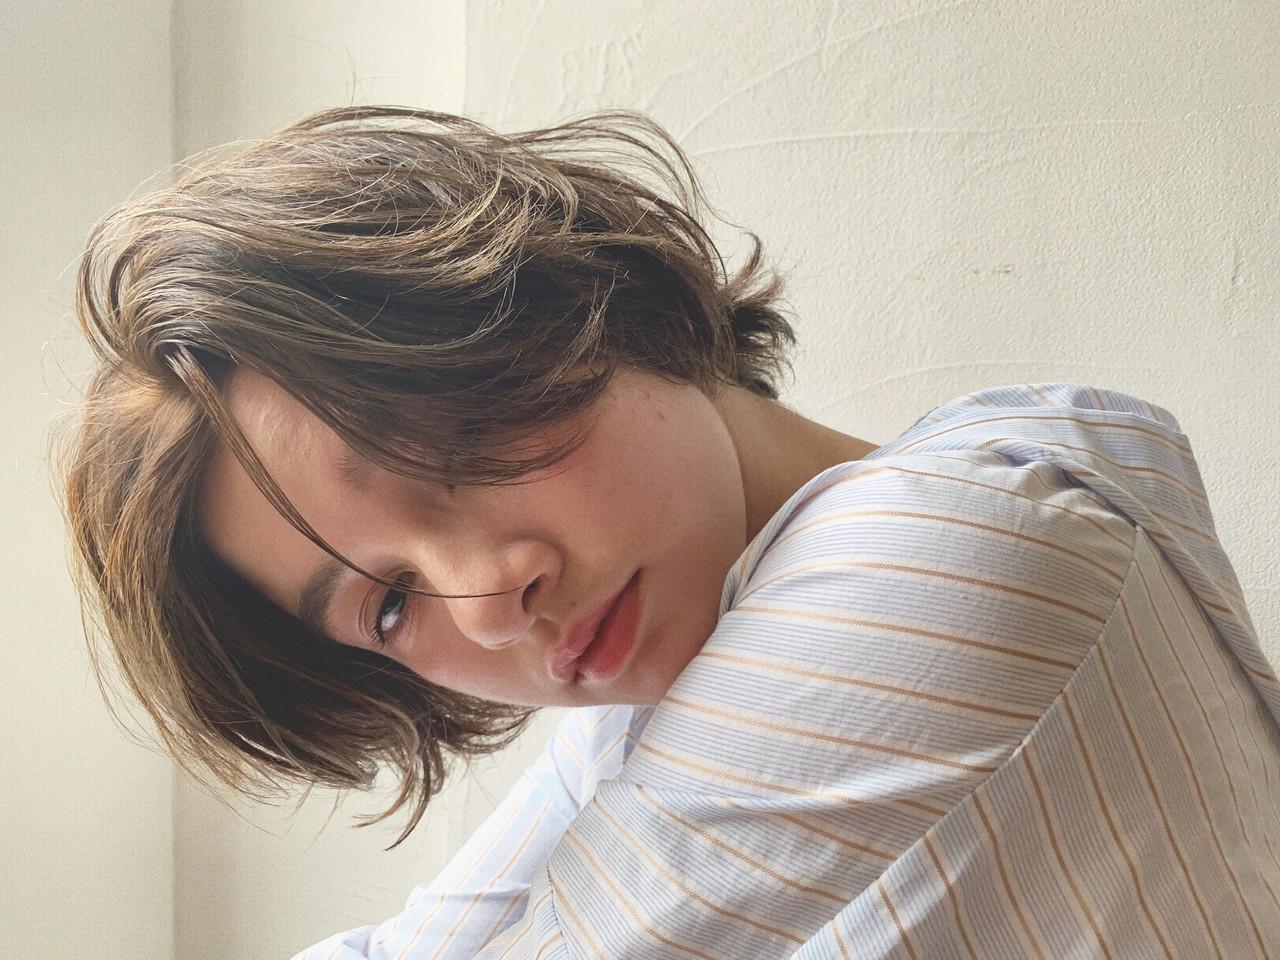 ショートヘア ミニボブ ショートボブ ハンサムショート ヘアスタイルや髪型の写真・画像